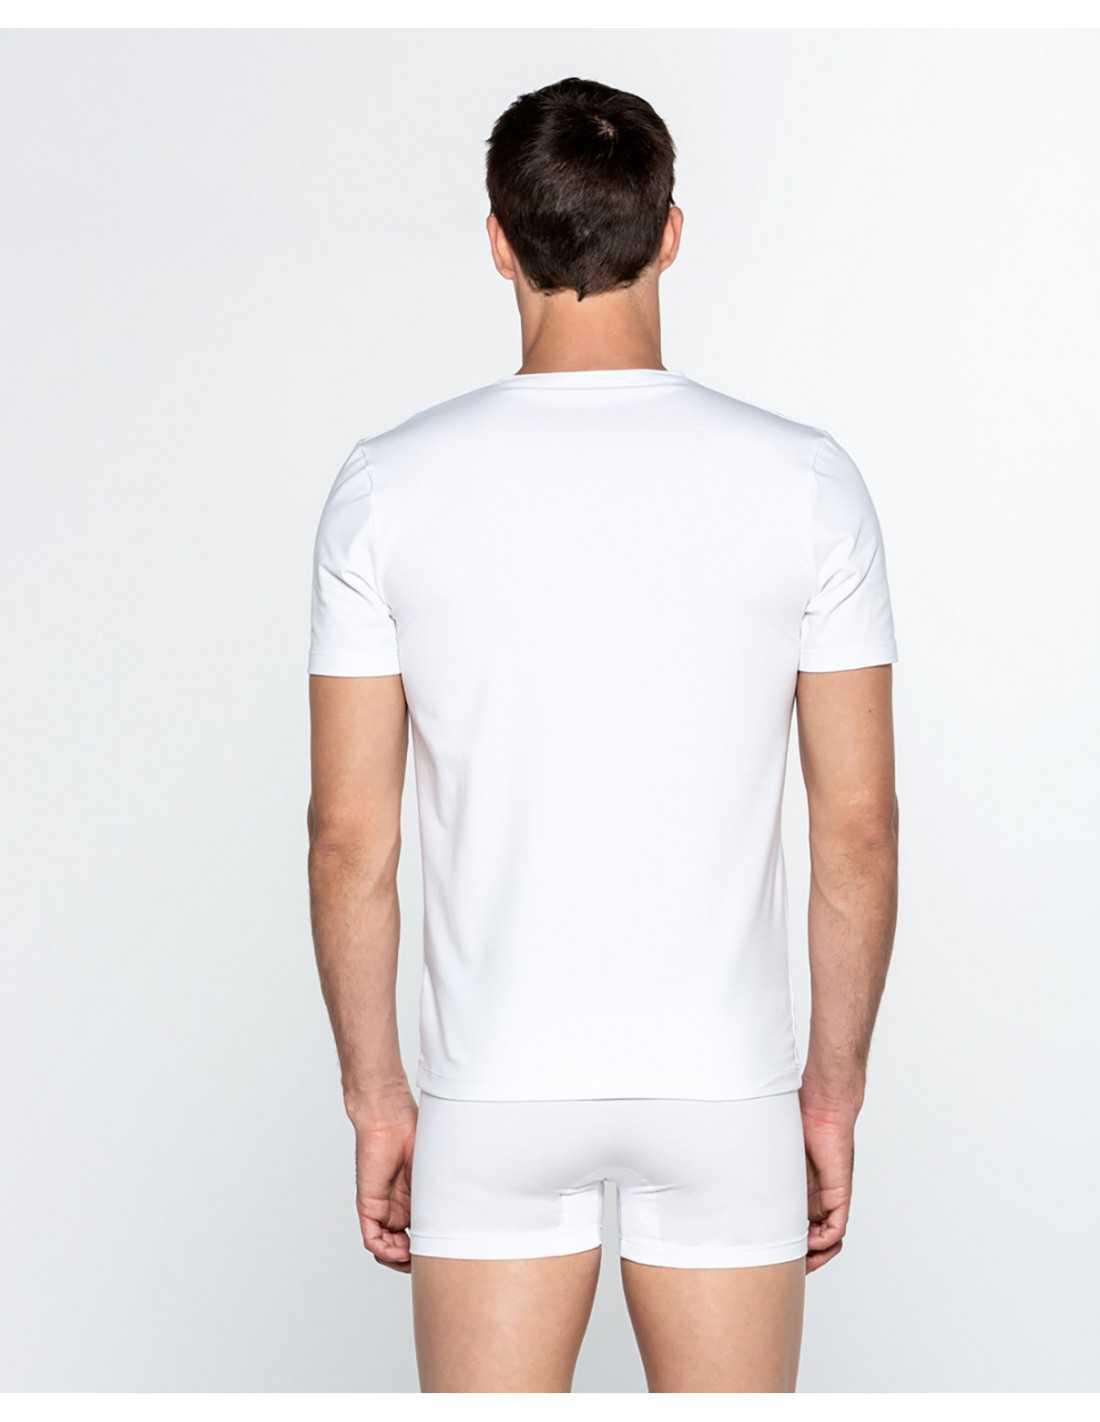 Camiseta Punto Blanco cuello pico Ecologix COLOR: gris, blanco, negro; TALLAS: s, m, l, xl Composición: algodón -